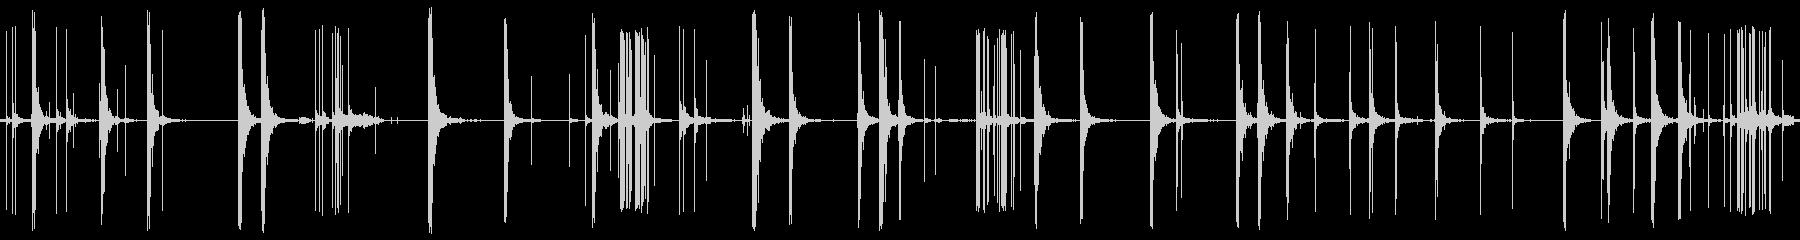 爆発花火発射バーの未再生の波形